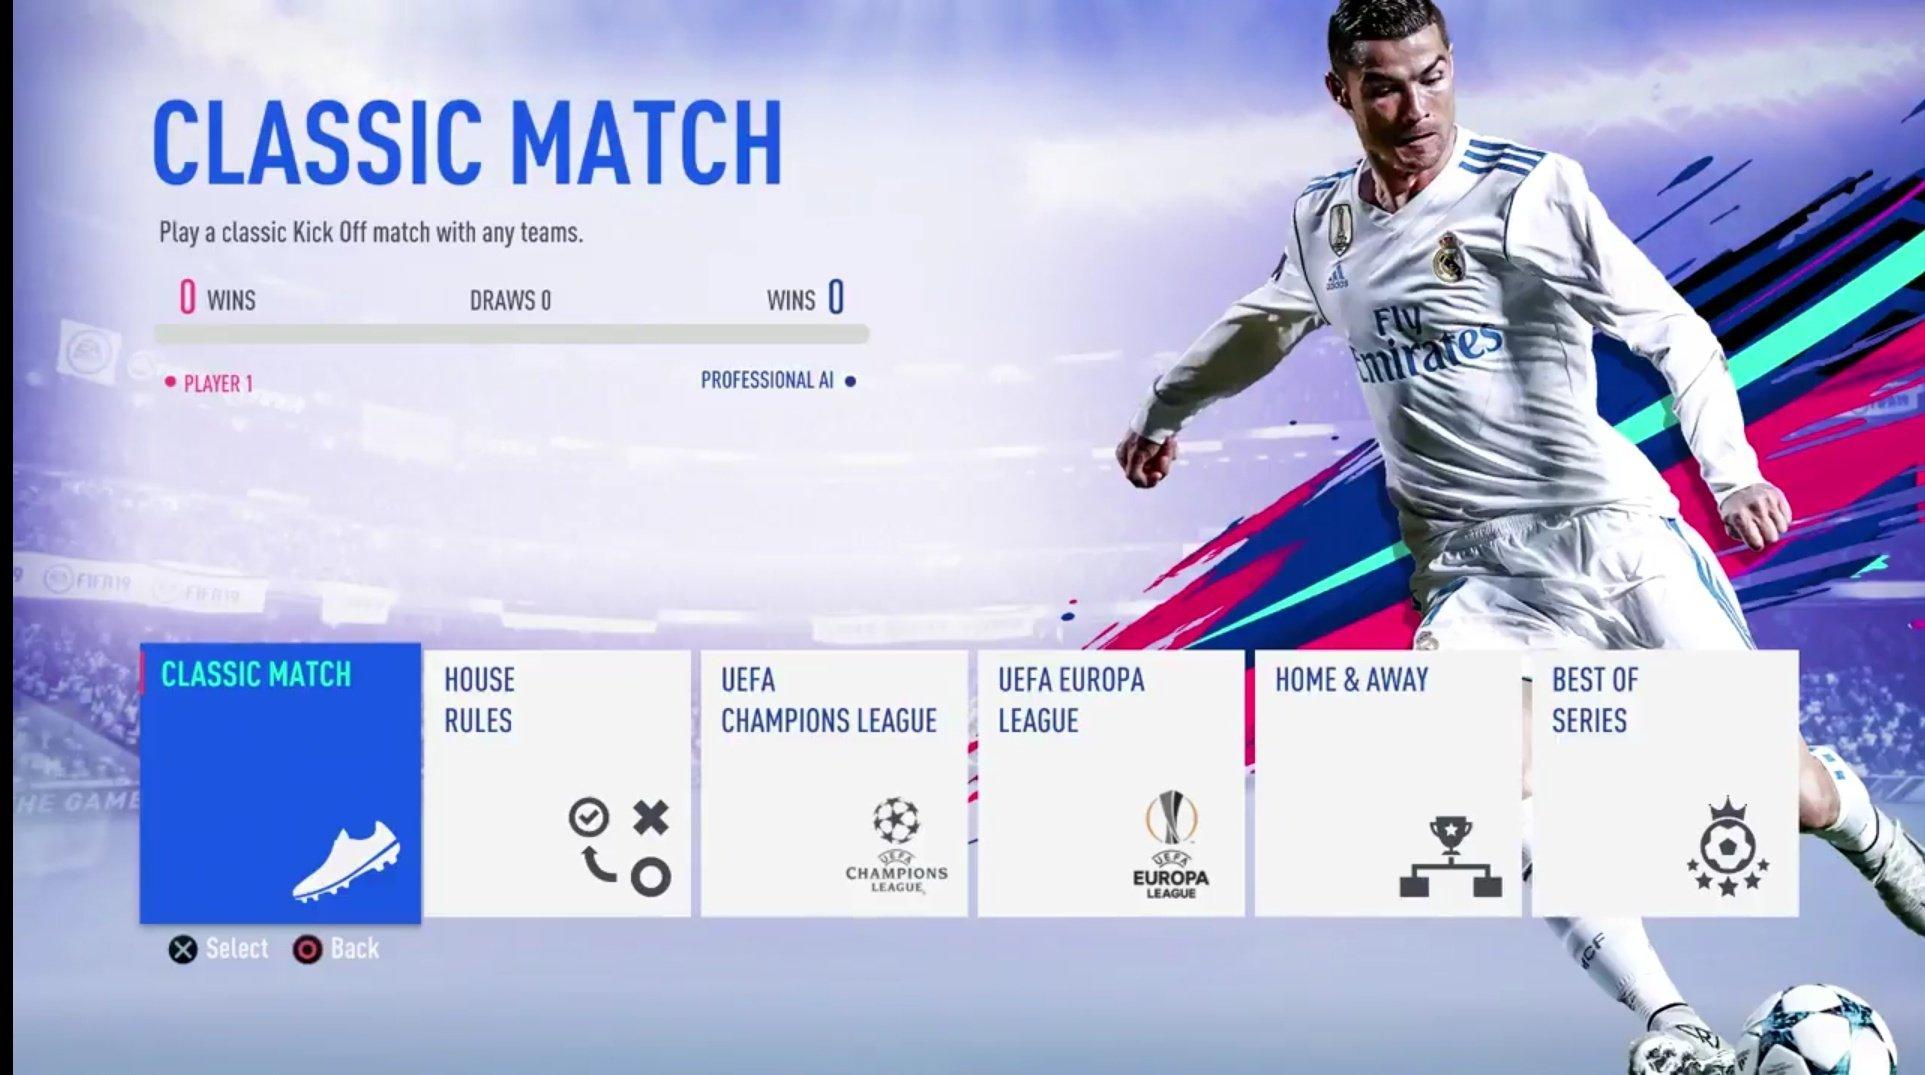 Fifa 19: Un Nuovo Video Gameplay È Apparso Sulla Rete 2 - Hynerd.it